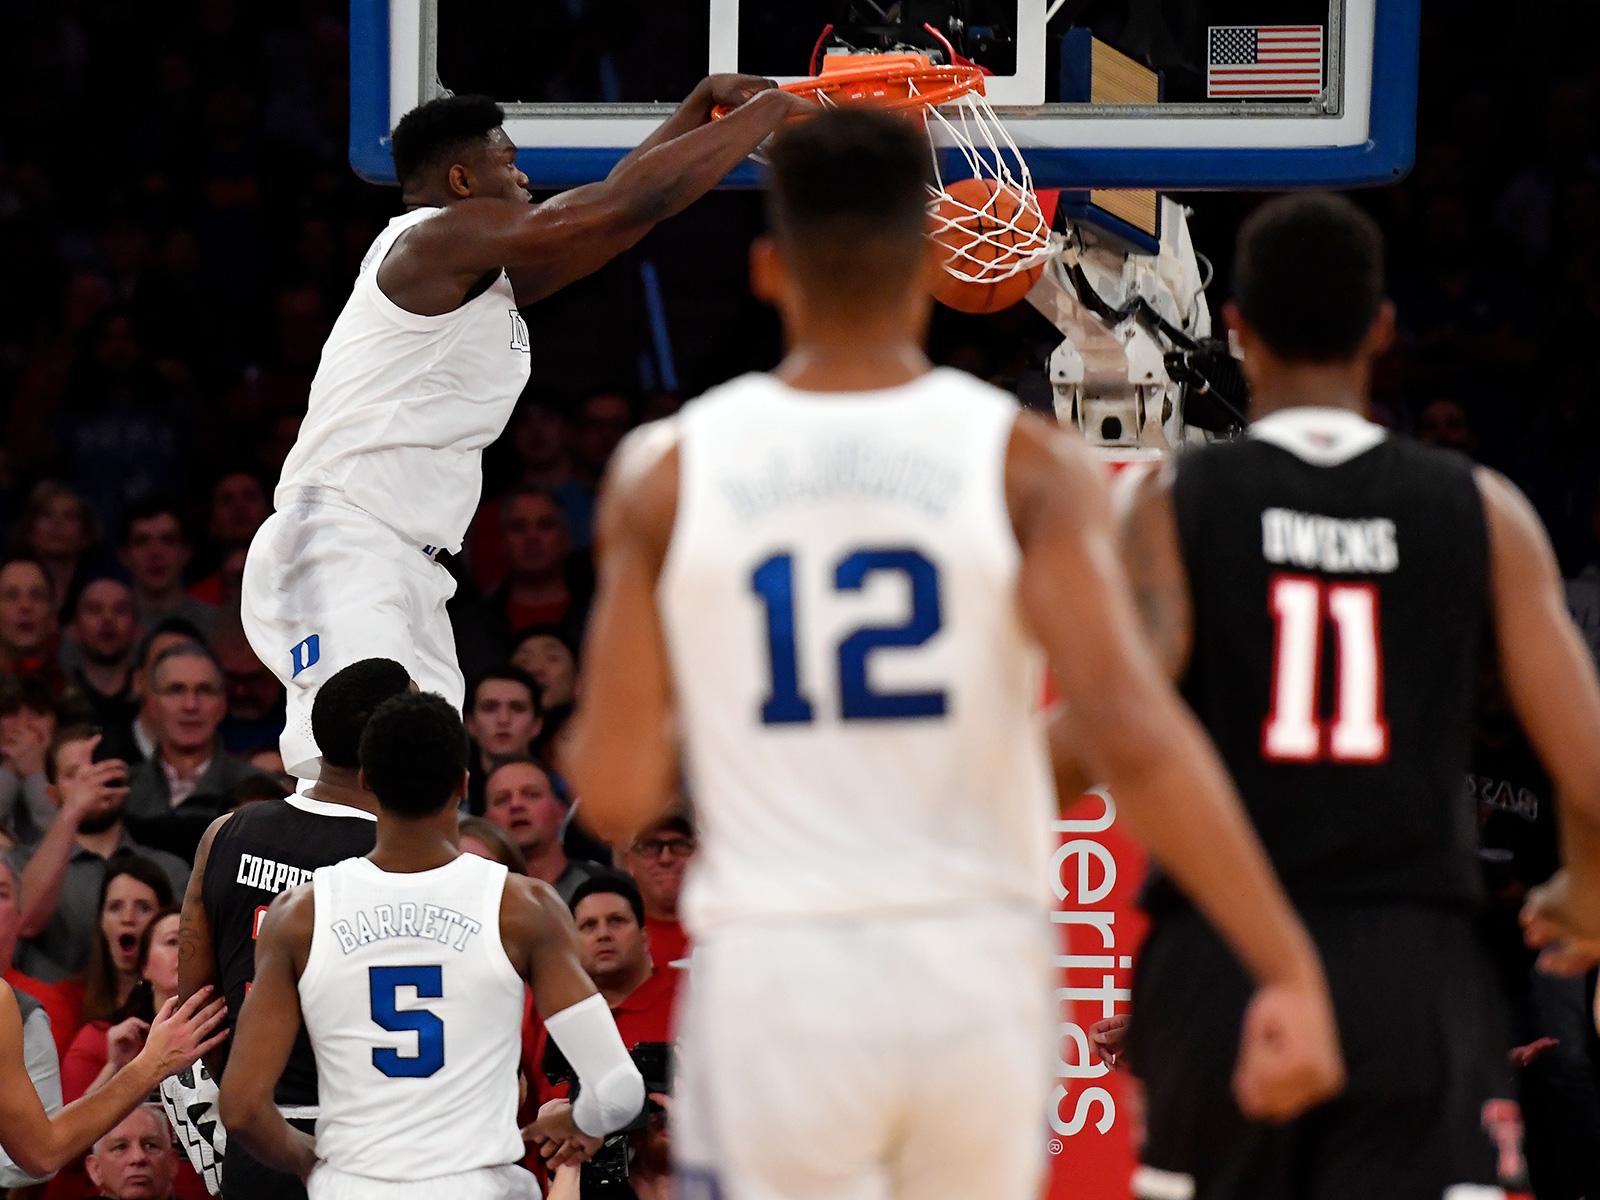 Zion Williamson dunk vs. Texas Tech